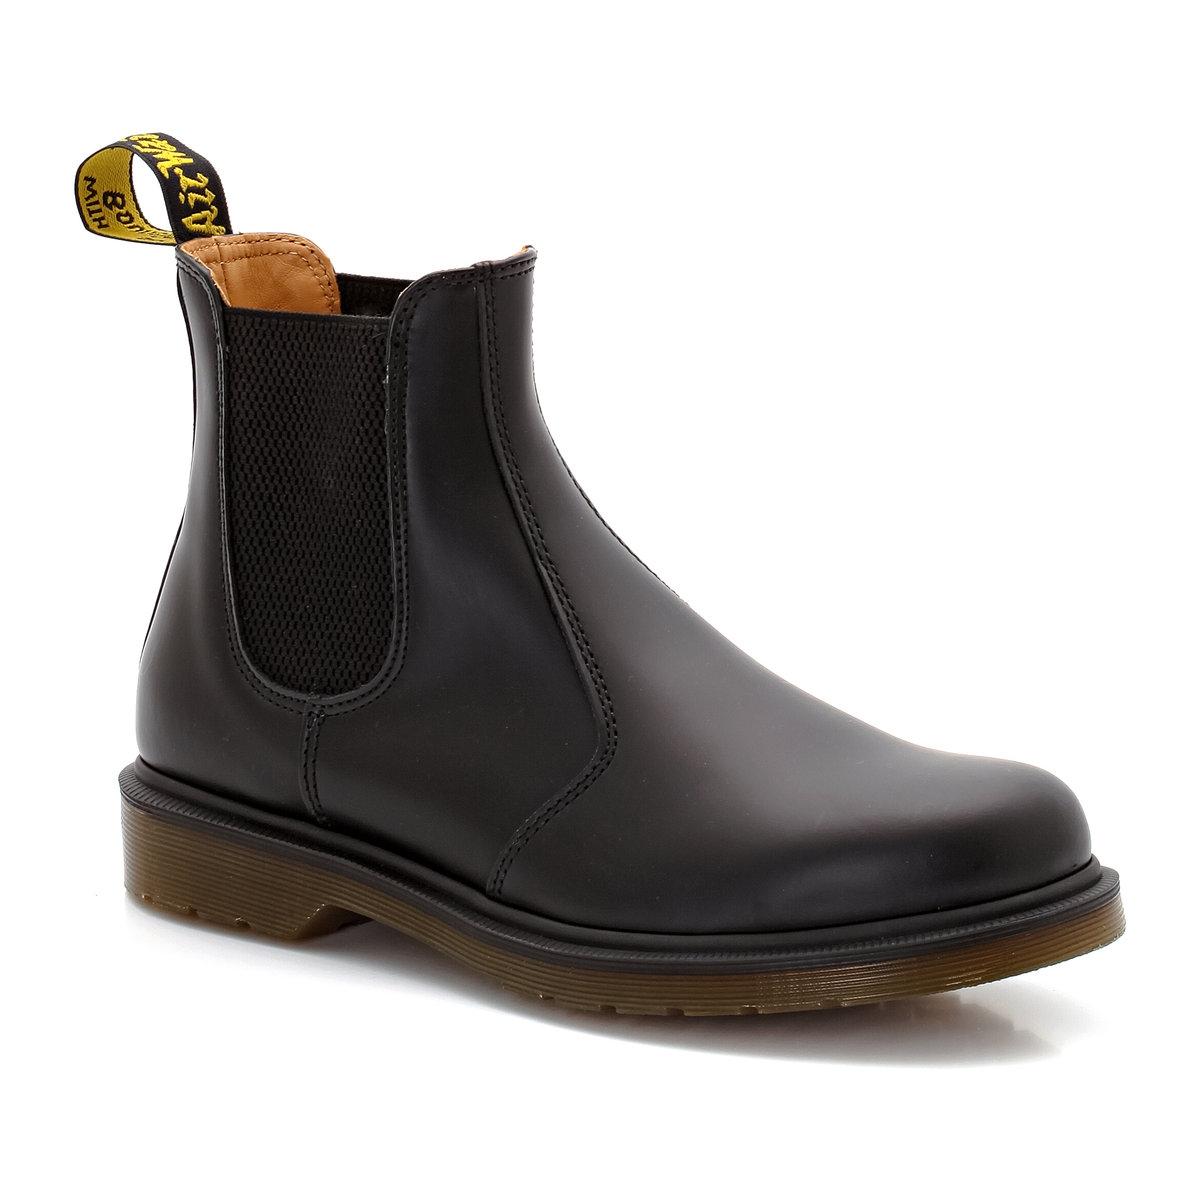 Boots pelle chelsea